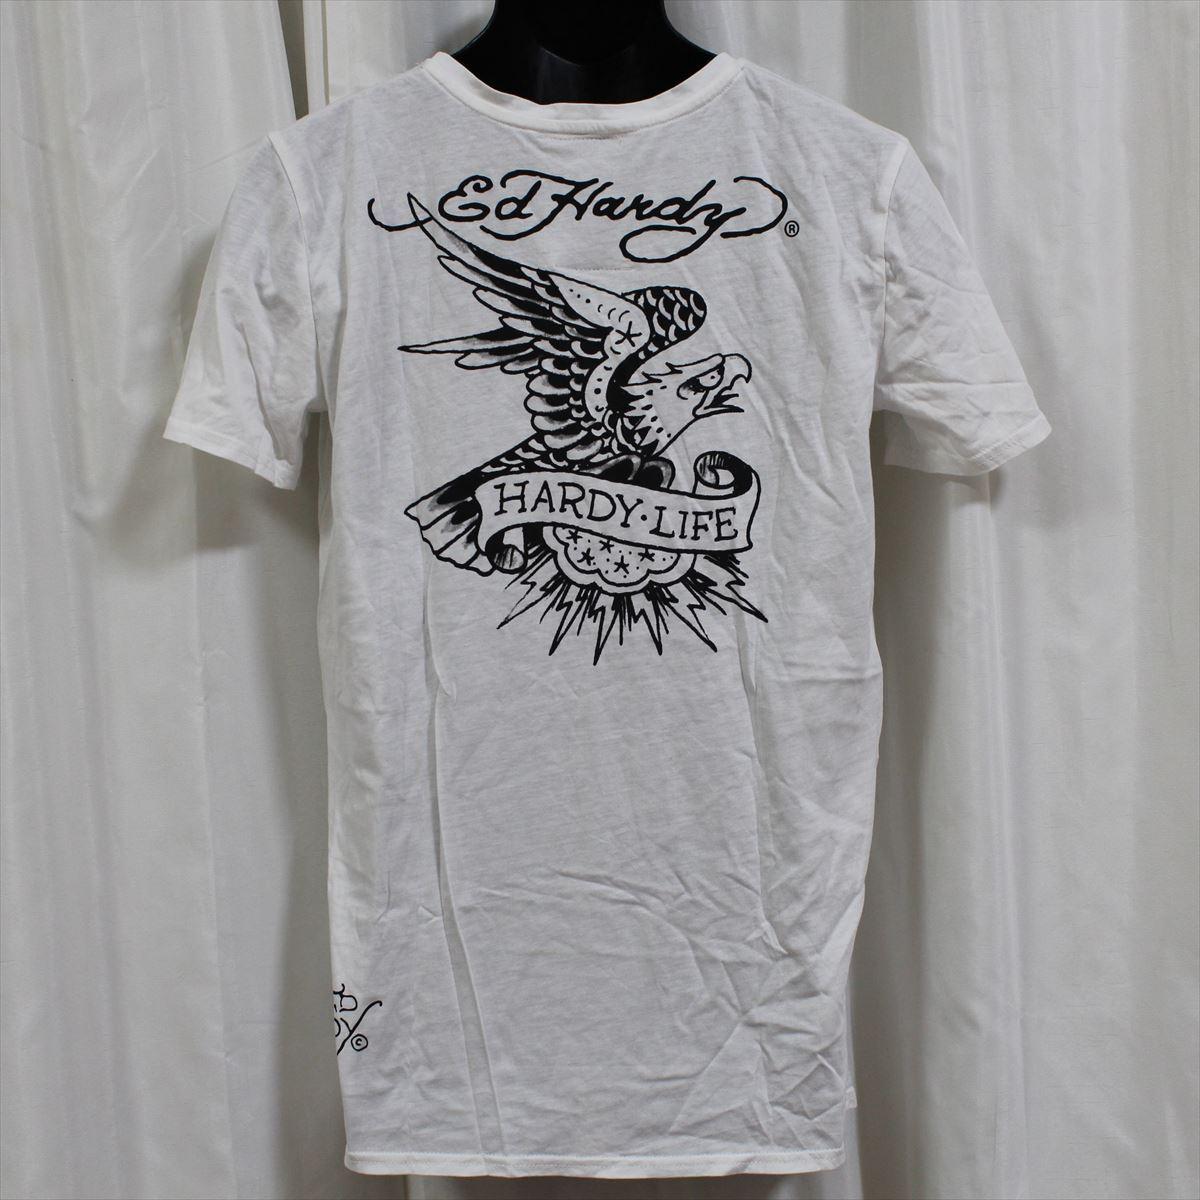 エドハーディー ED HARDY メンズ半袖Tシャツ ホワイト Lサイズ M02TCHB544 新品 Vネック 白_画像3